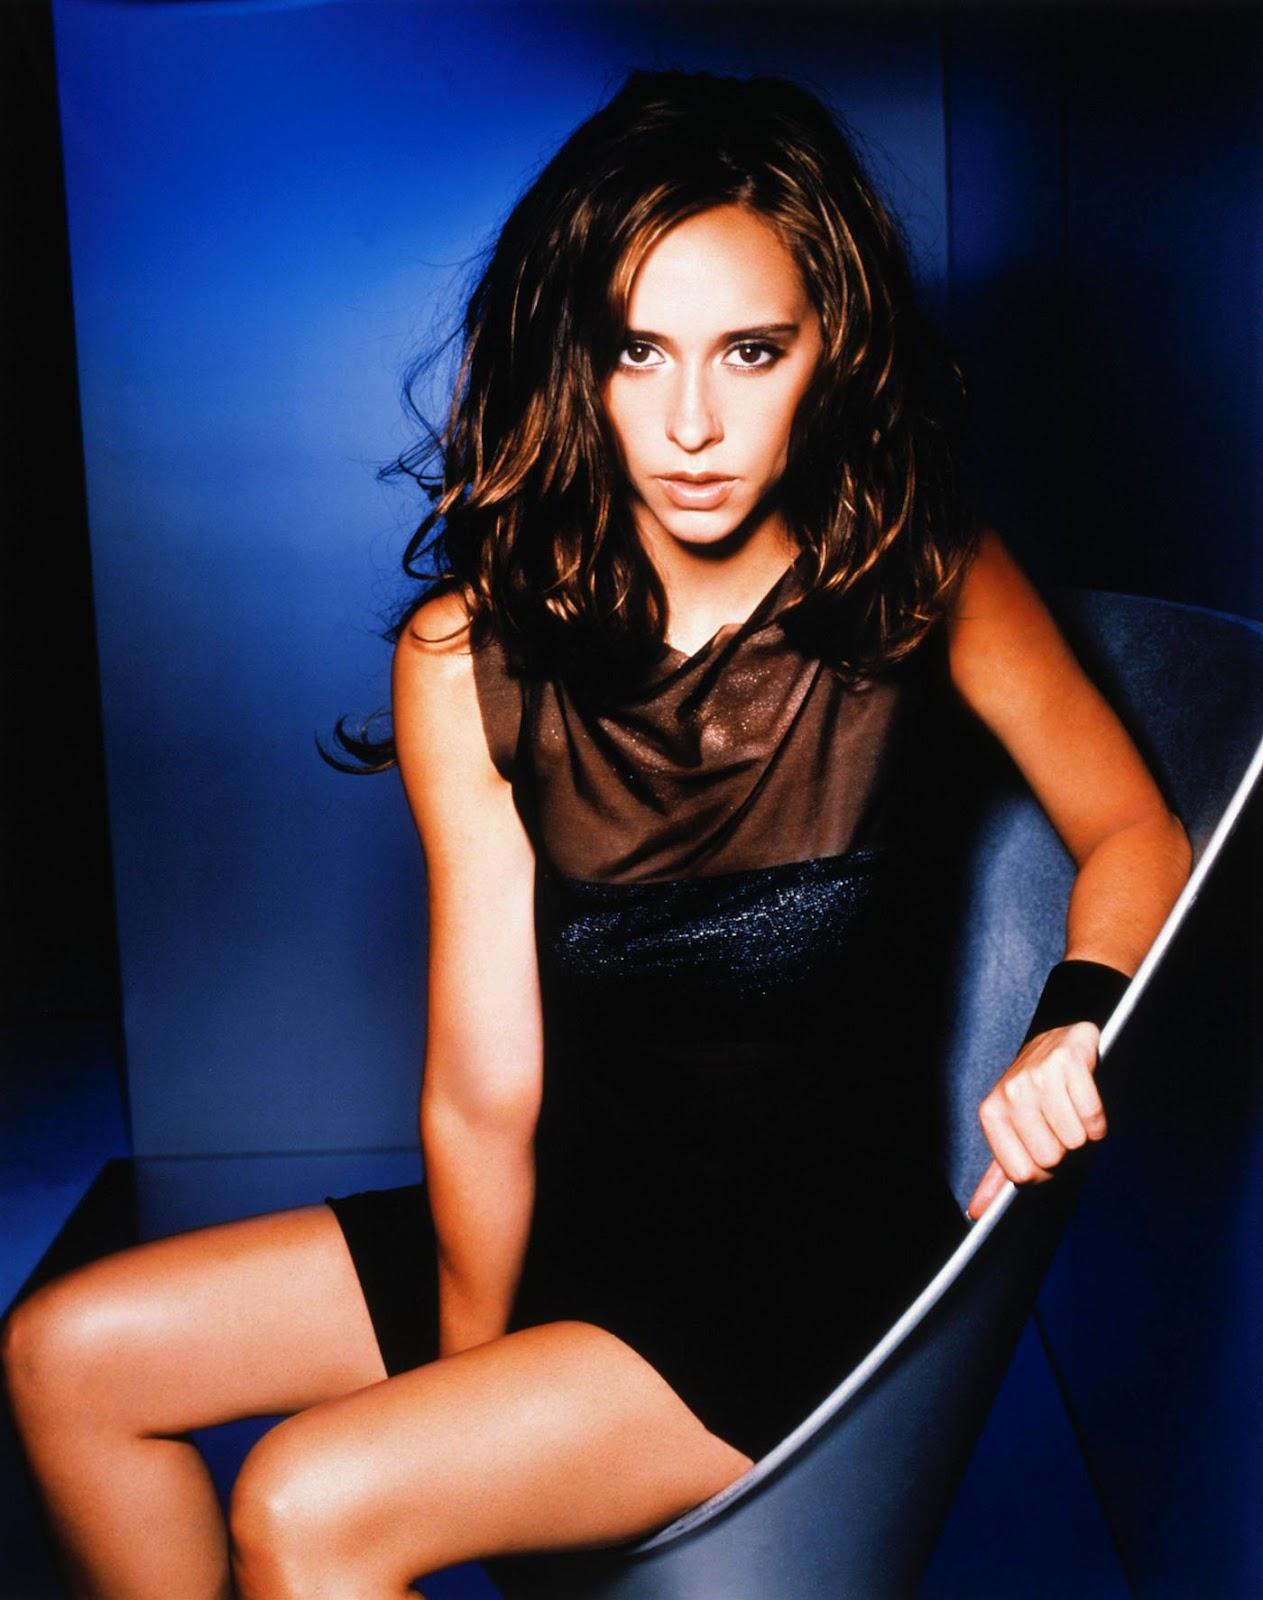 http://3.bp.blogspot.com/-9JpDep-rvQY/UDdi9gOj8GI/AAAAAAAAOLA/nCxktqiEq-I/s1600/Jennifer+Love+Hewitt+-+Maxim+Magazine+Photoshoot+1999+0006.jpg